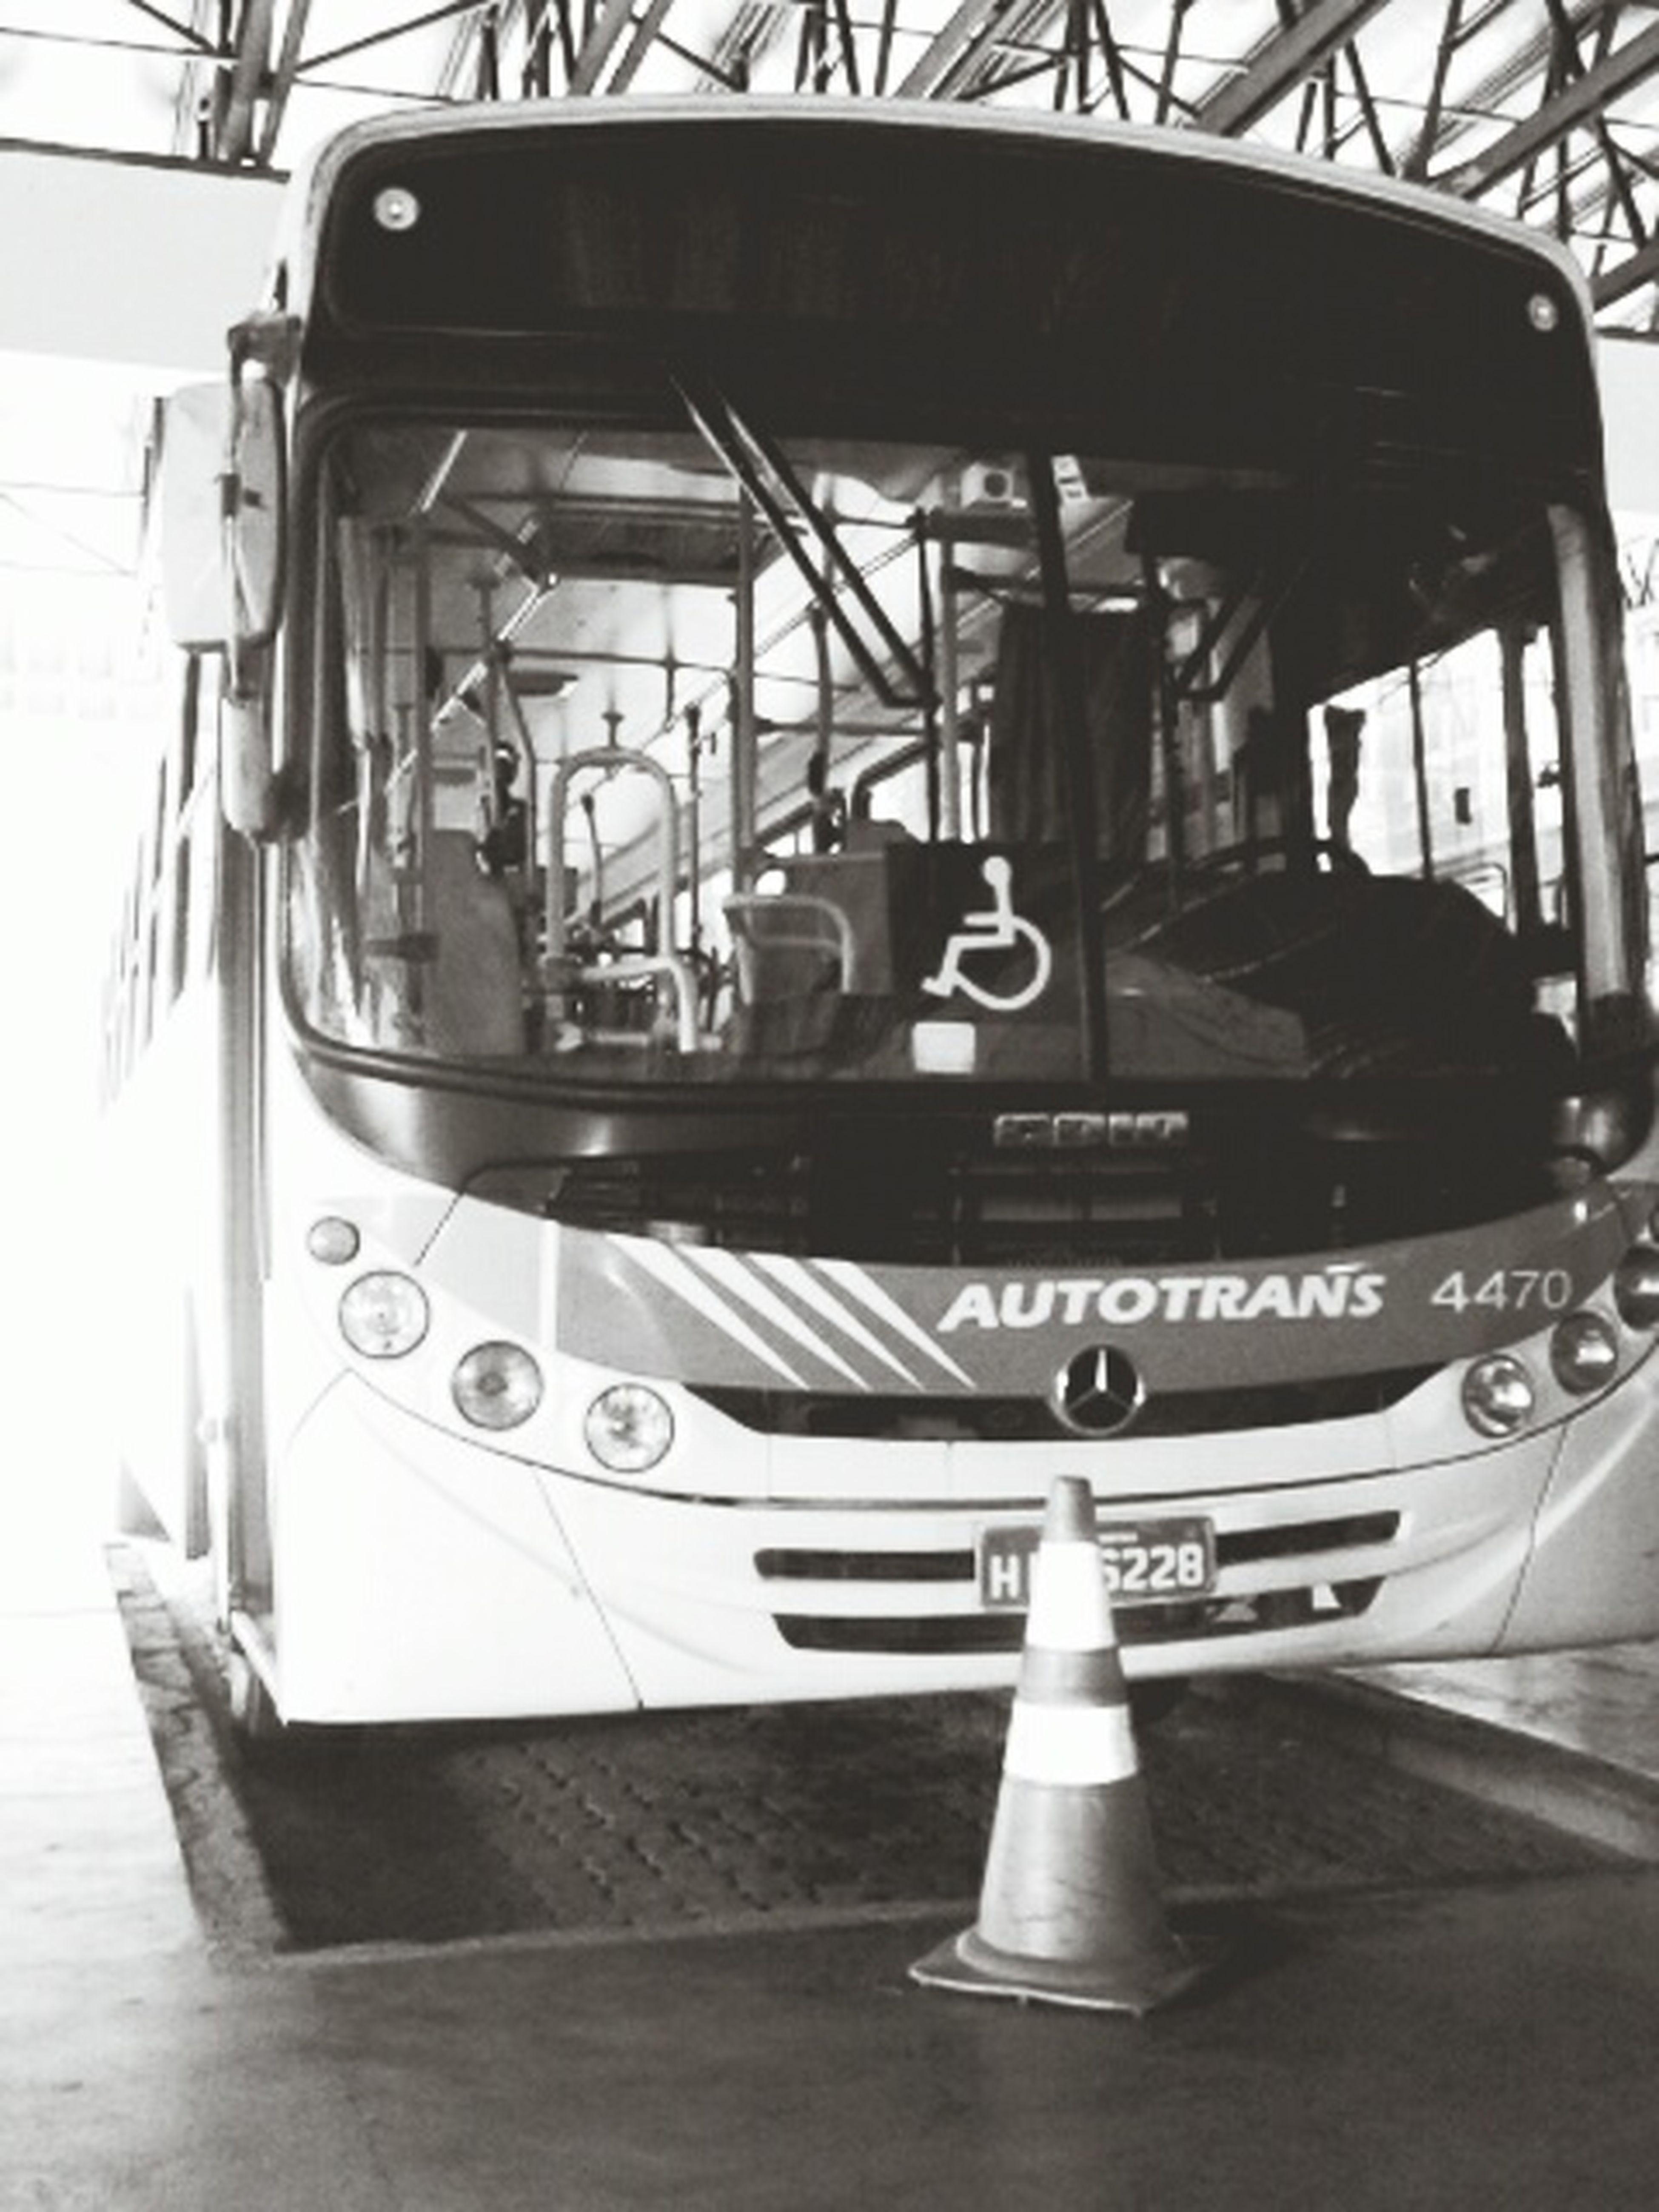 Autotraans